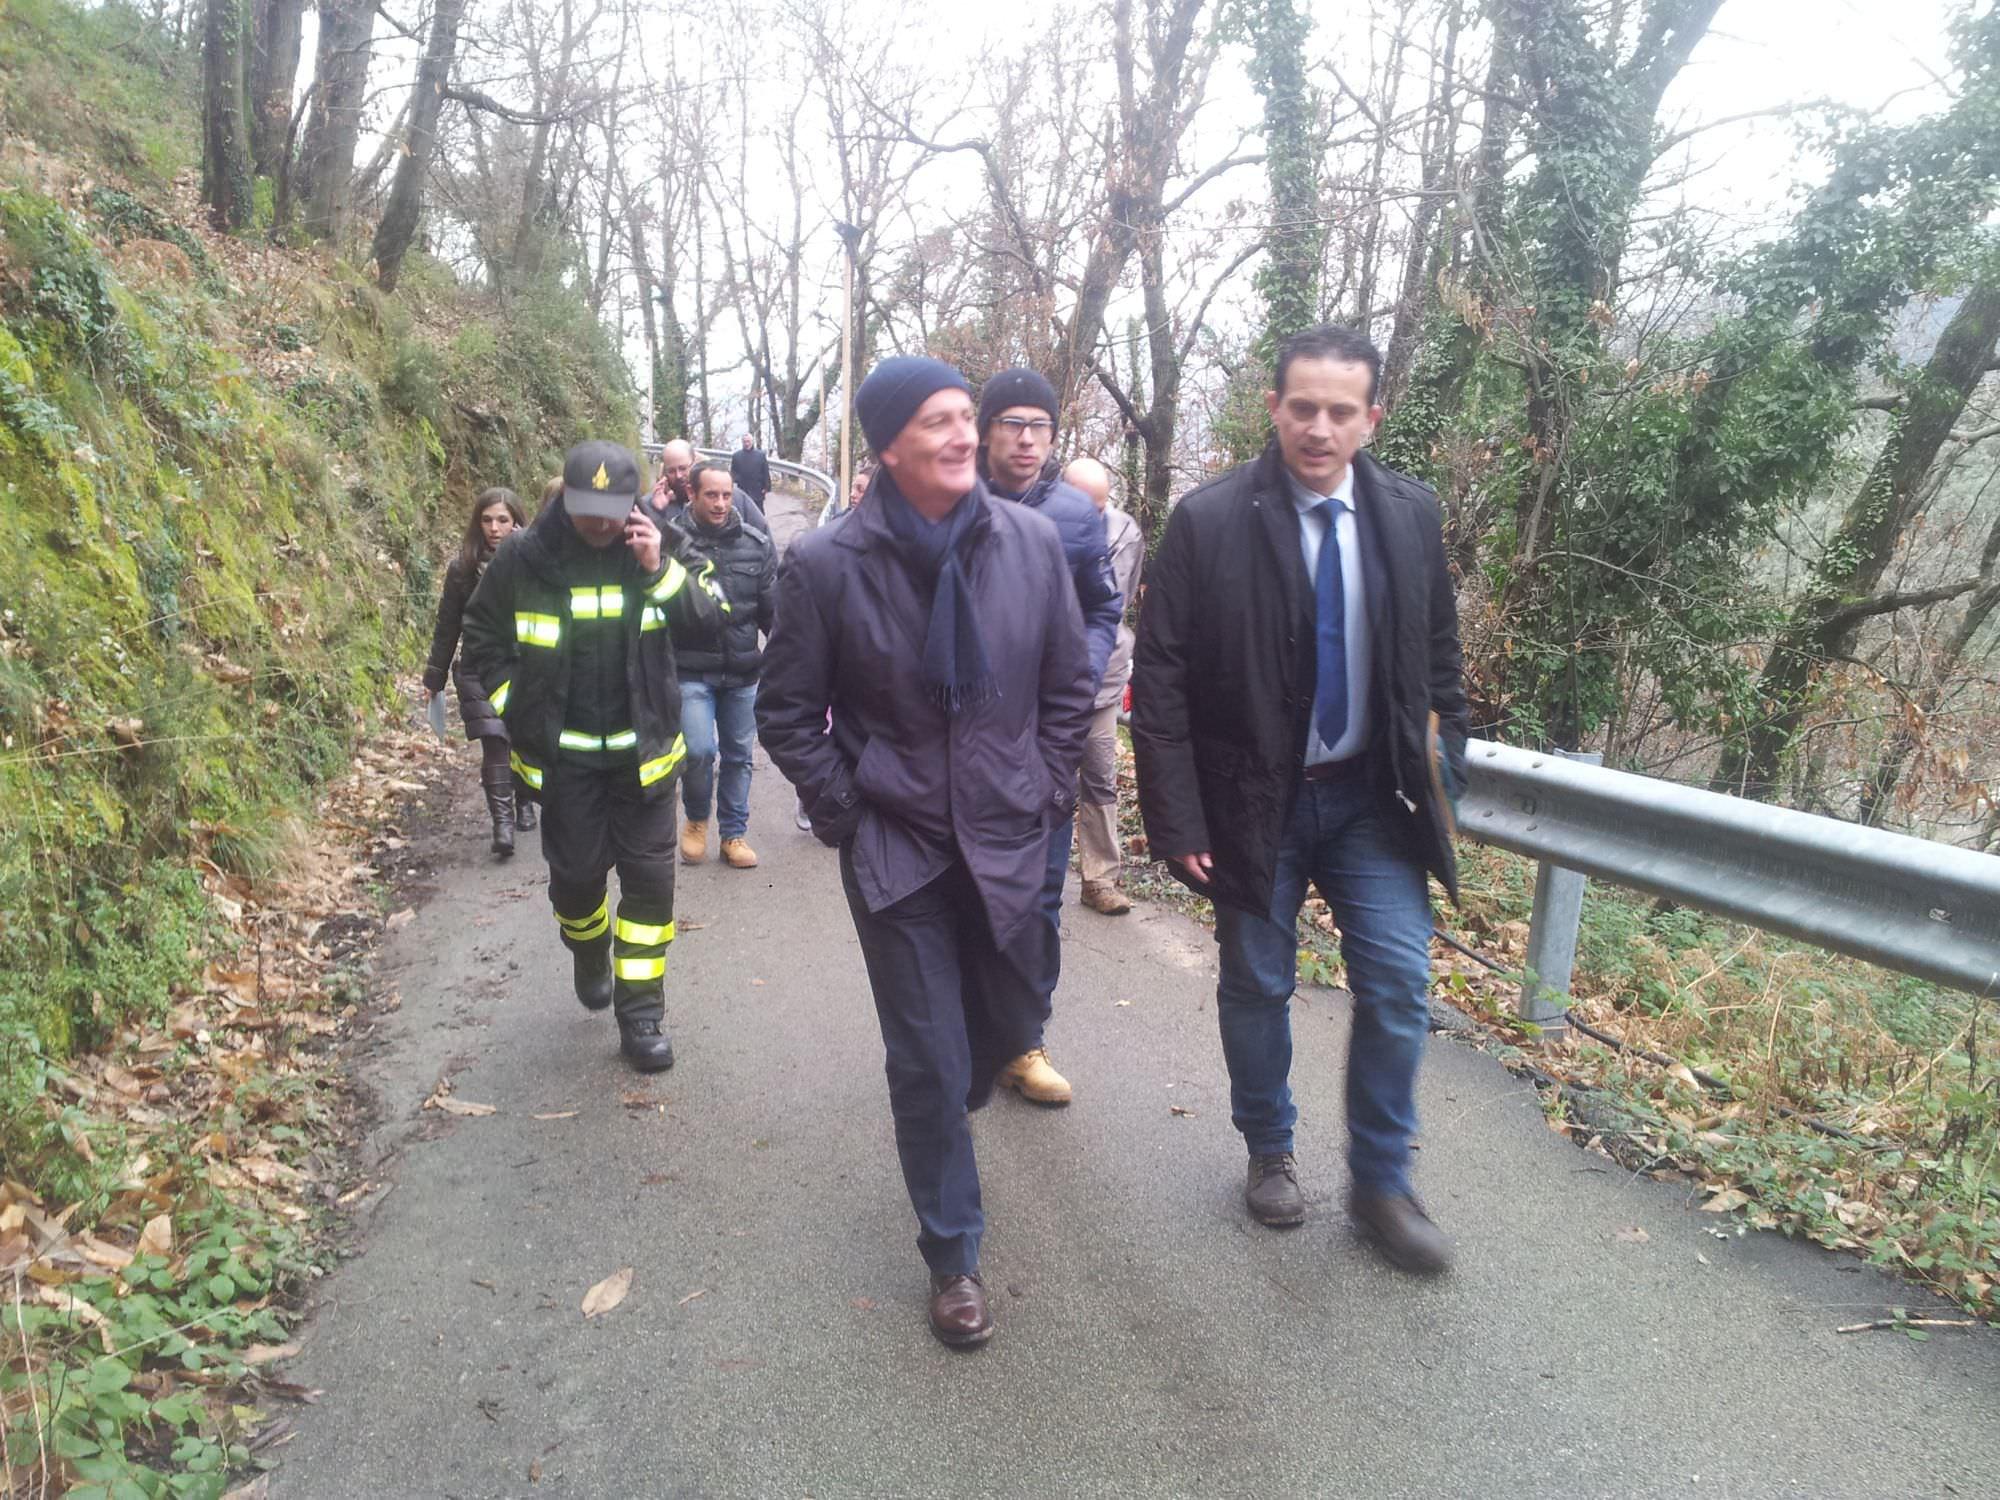 Il prefetto Franco Gabrielli a Stazzema il 22 marzo per ricevere la cittadinanza onoraria